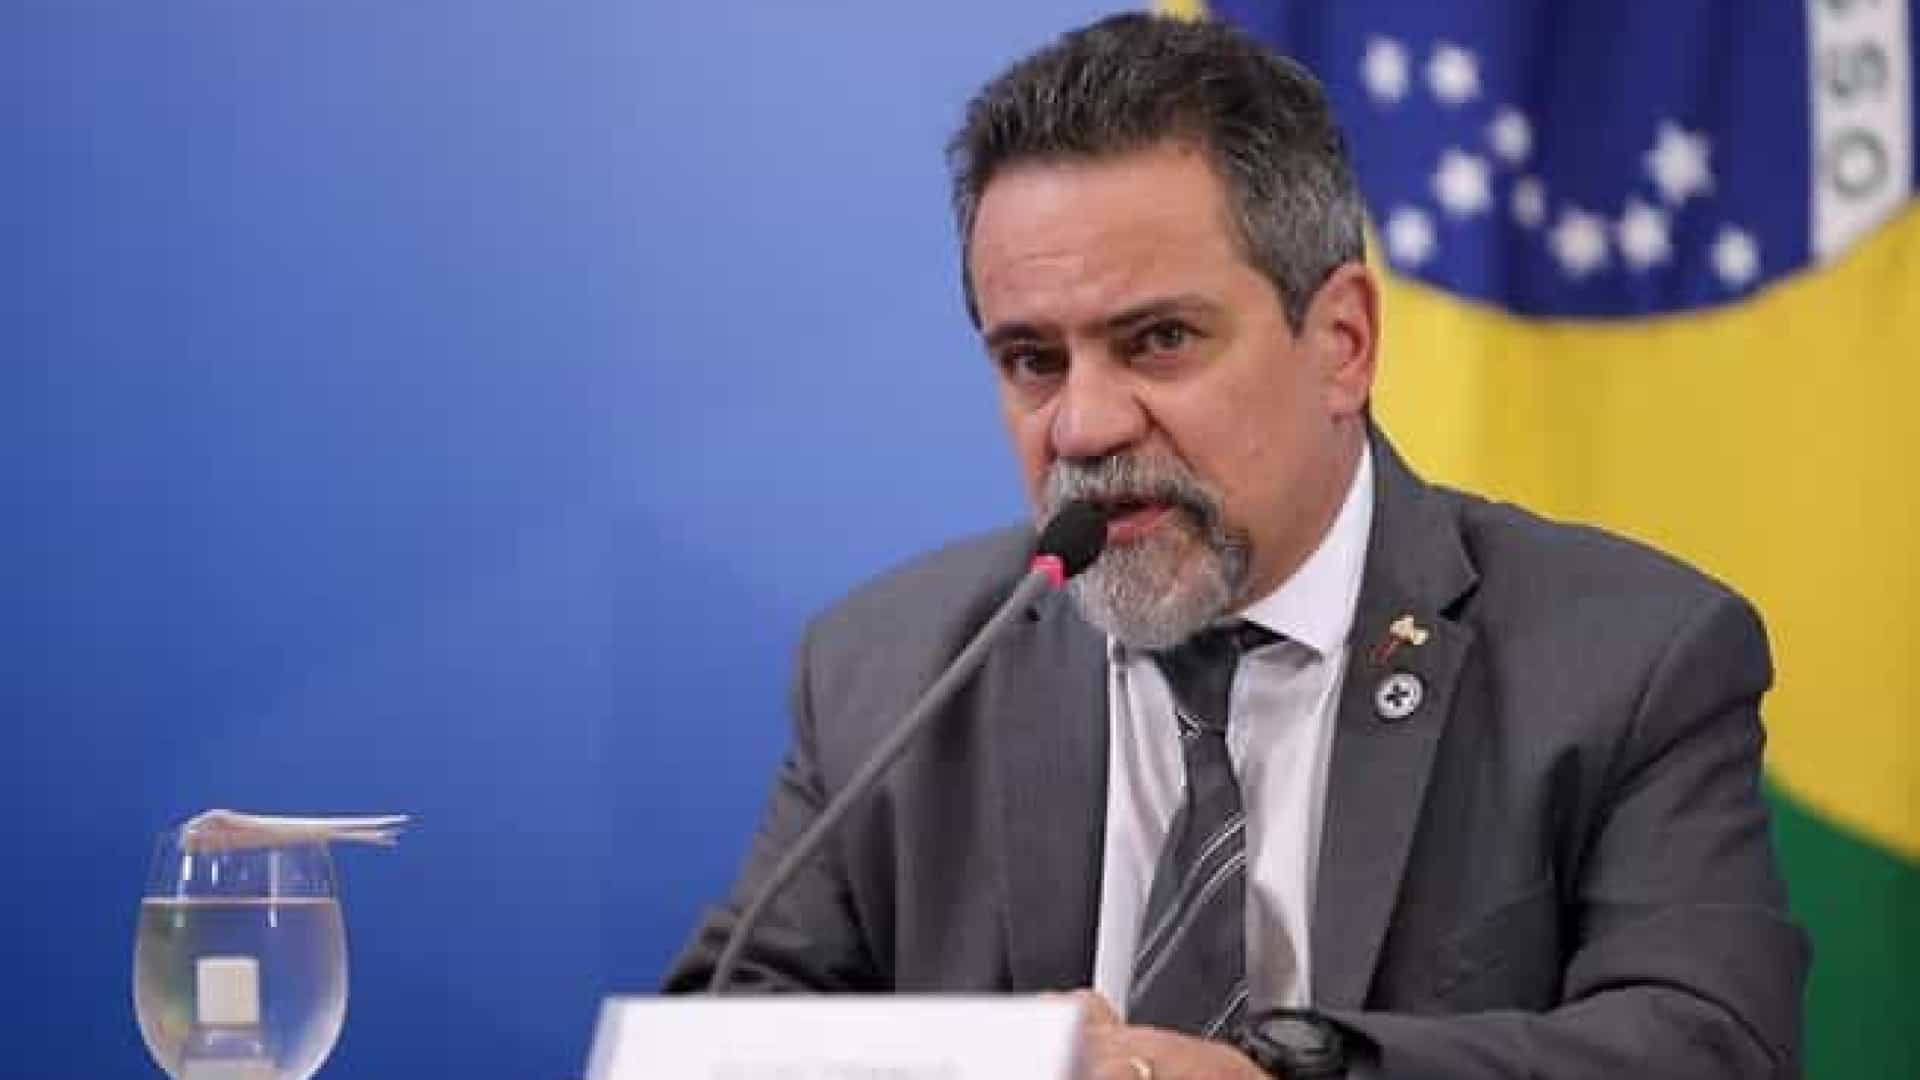 Élcio Franco faz comparação com vacina para justificar indicação de clorquina